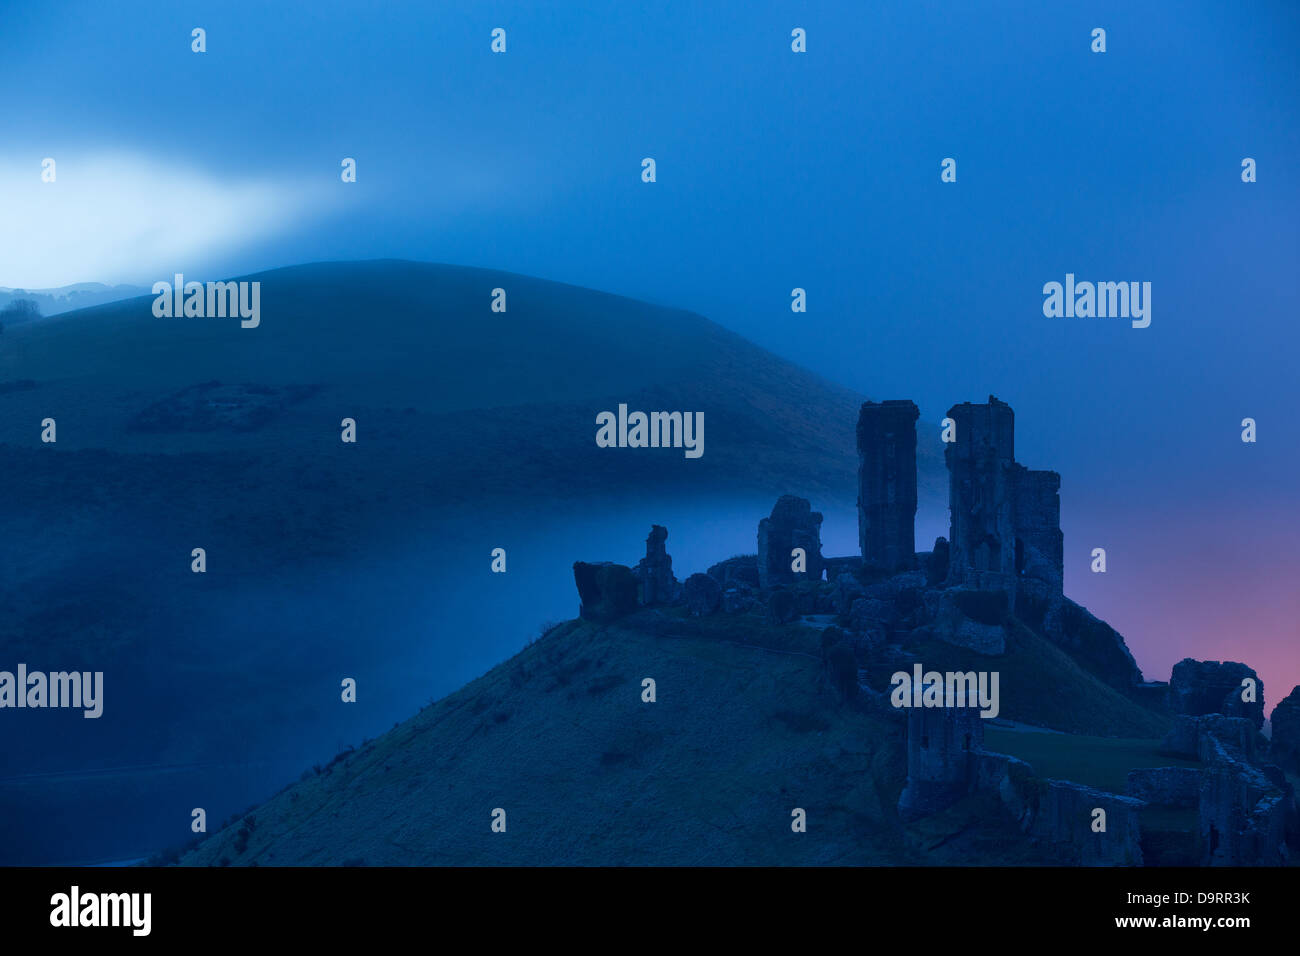 El castillo Corfe en la neblina al amanecer, Dorset, Inglaterra, Reino Unido. Imagen De Stock